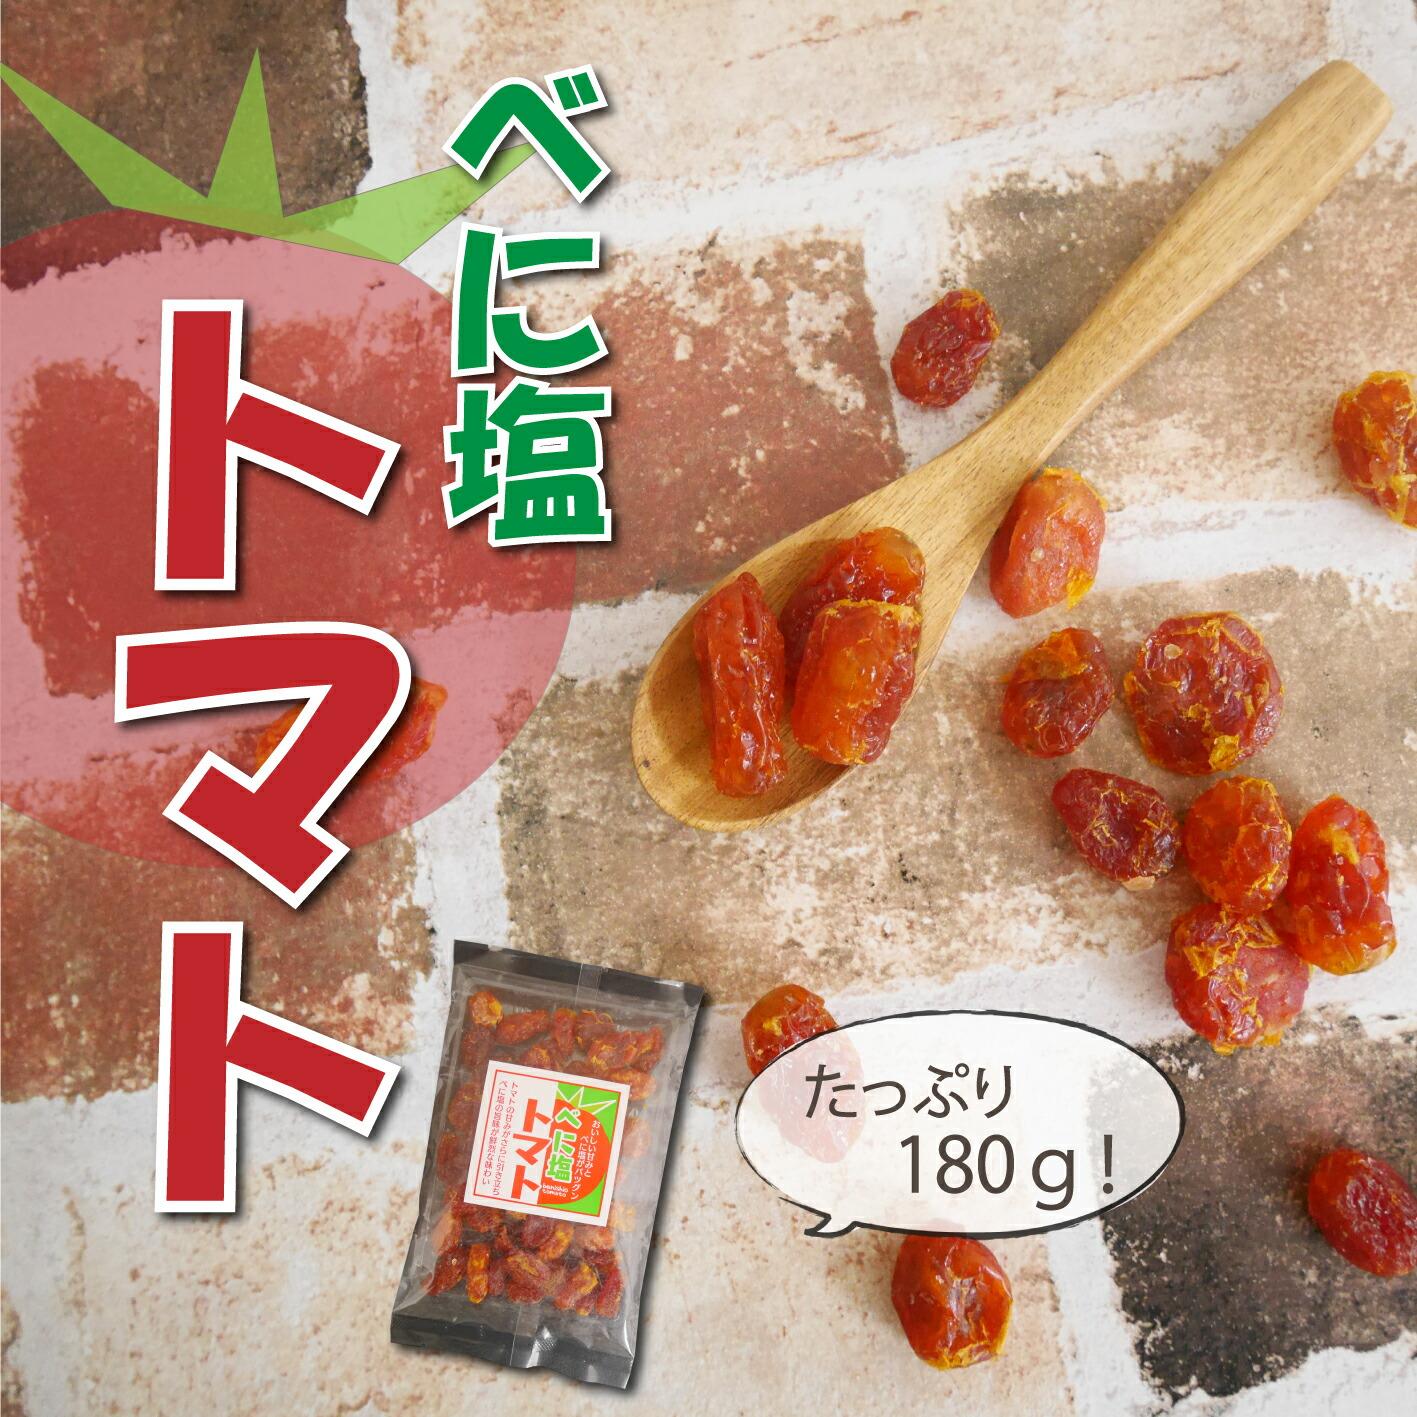 返品不可 リコピン ビタミン 日本製 カロテン 美容 健康 トマト 栄養 べに塩トマト べに塩 対策 栄養補給